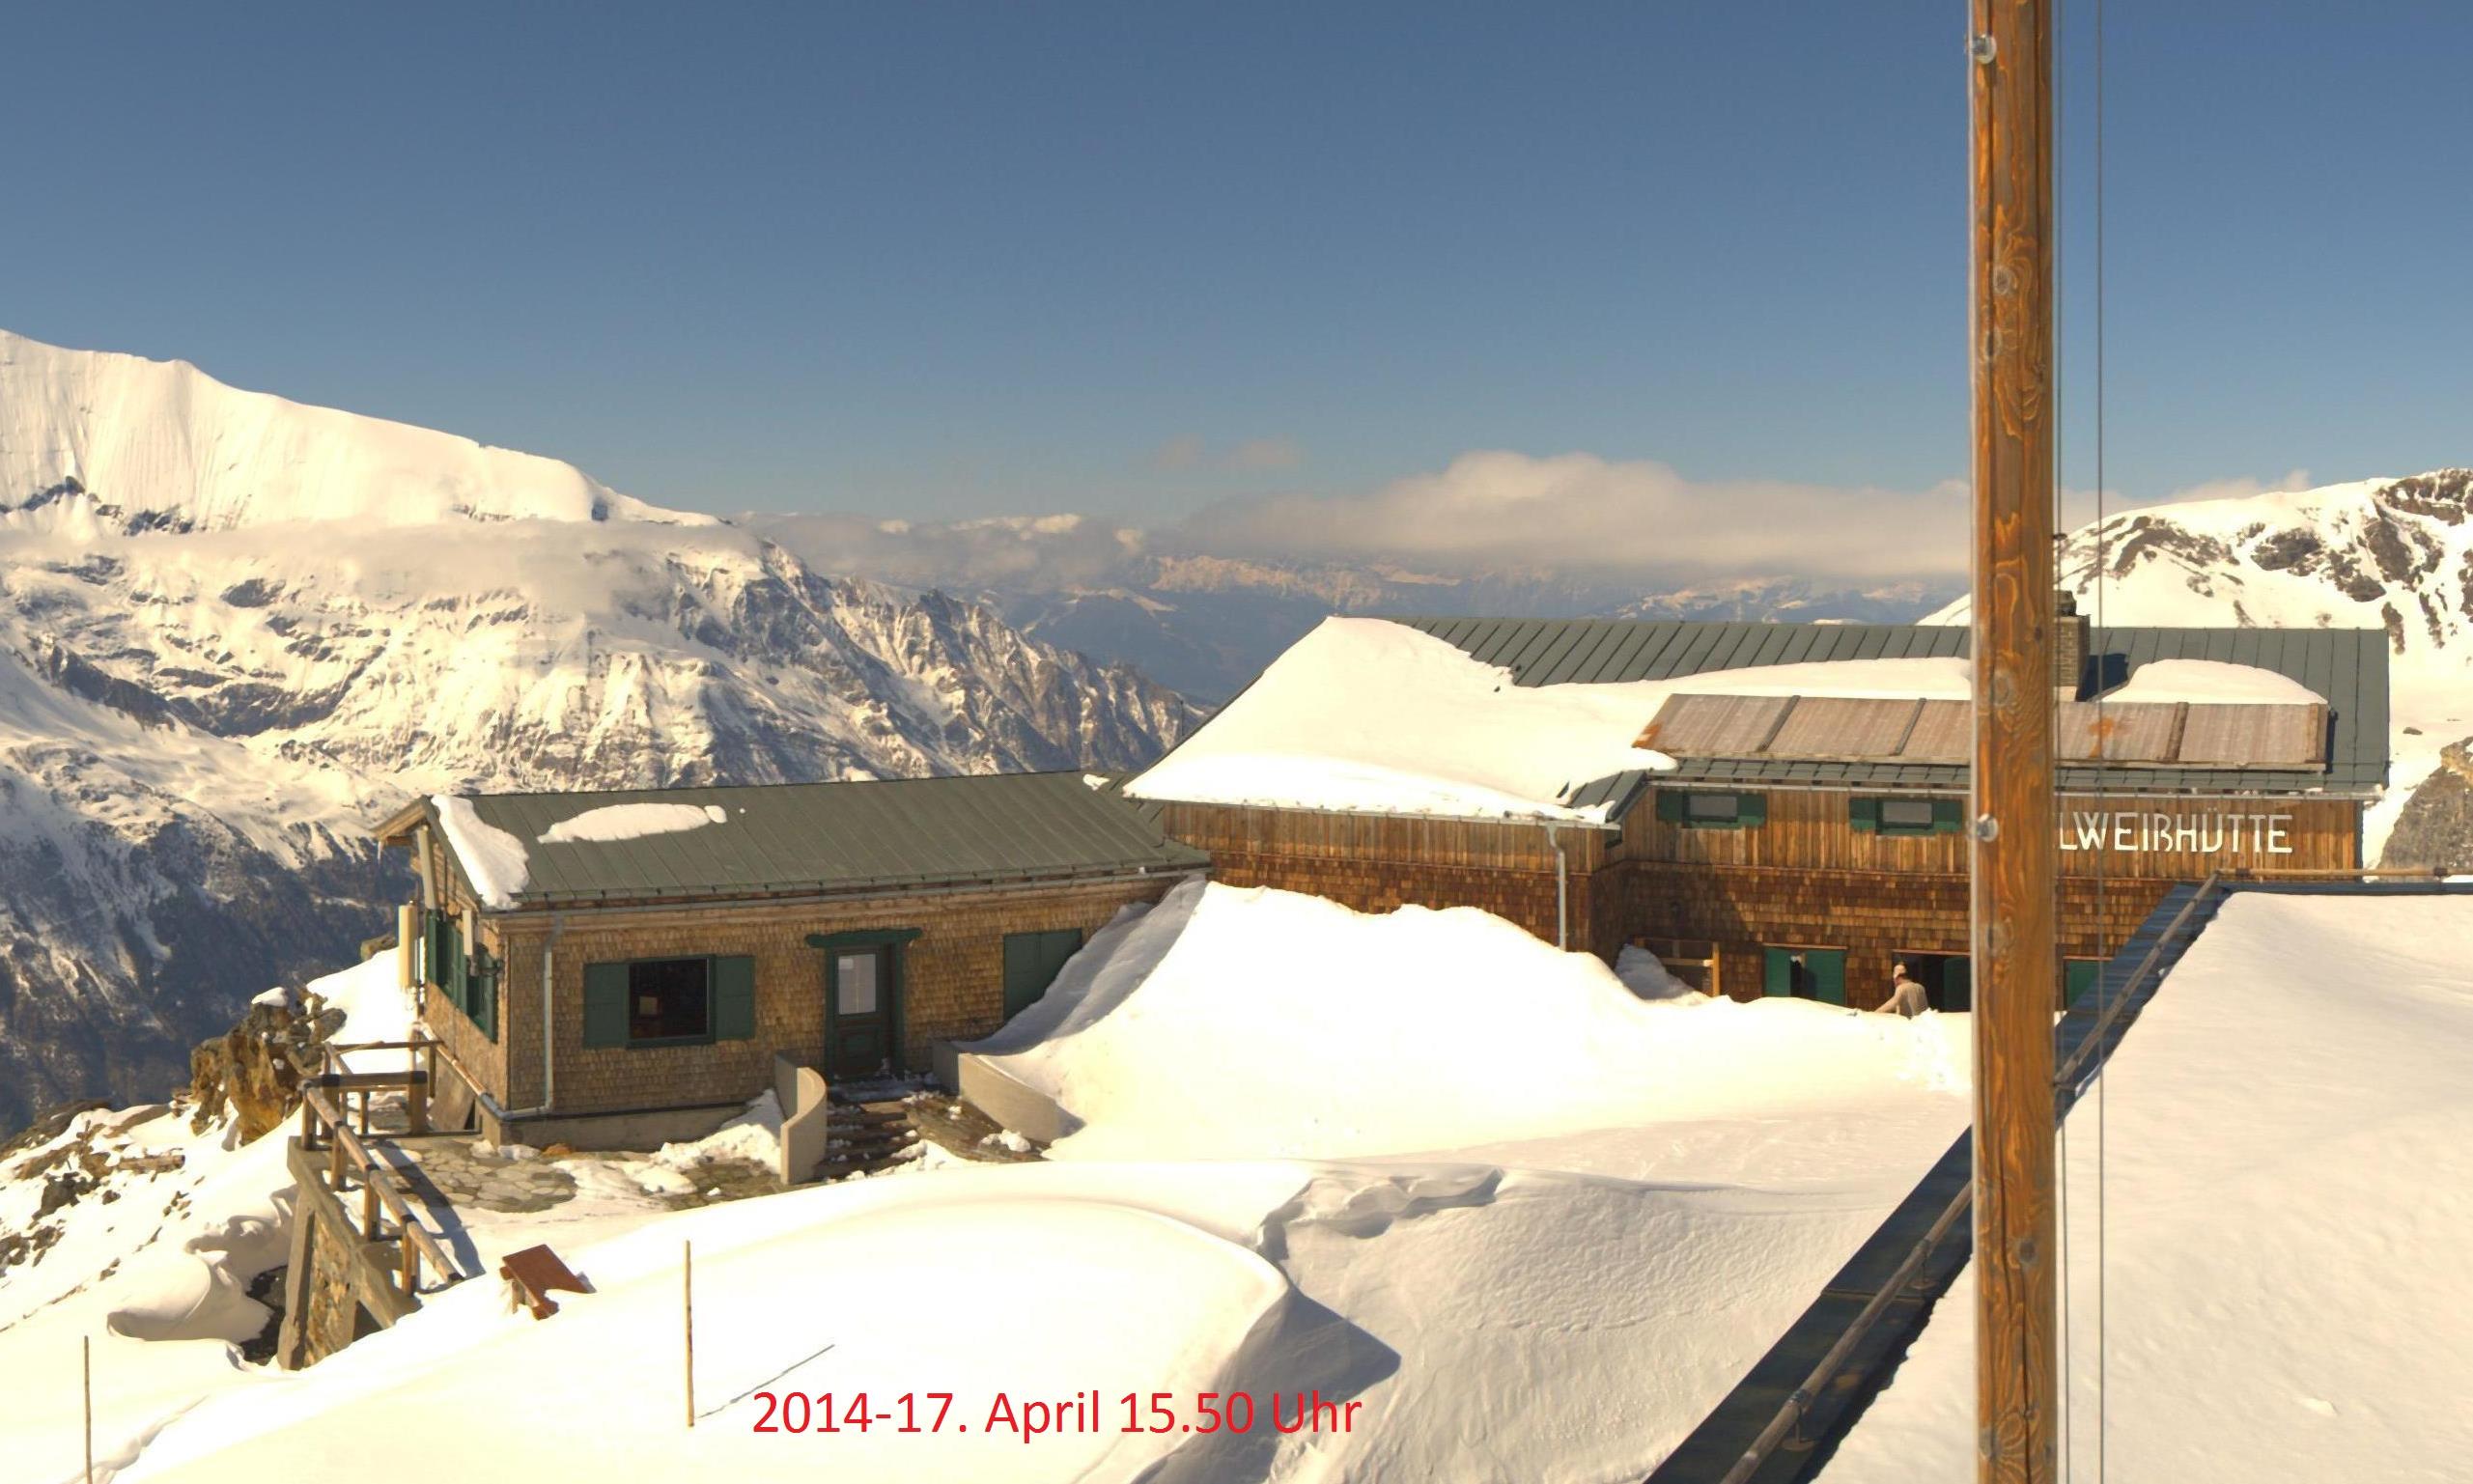 Klicke auf die Grafik für eine größere Ansicht  Name:2014-4-17-Edelweißhütte-15.50 Uhr.jpg Hits:215 Größe:580,3 KB ID:126308